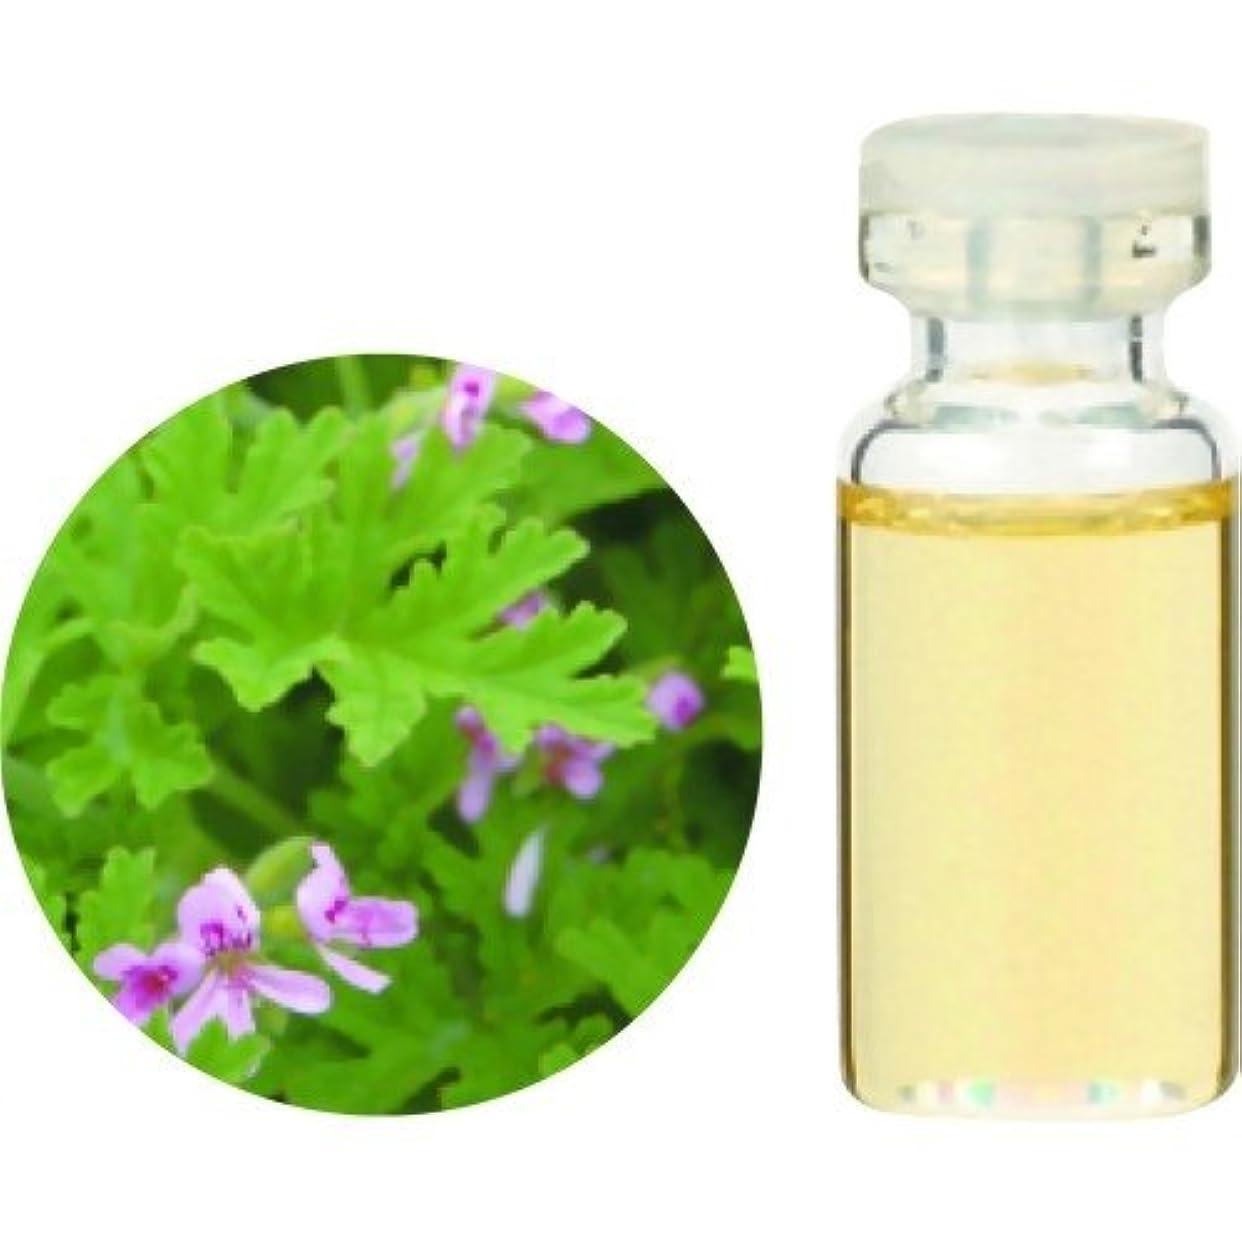 アルカイック粘液リス生活の木 Herbal Life Organic ゼラニウム 10ml